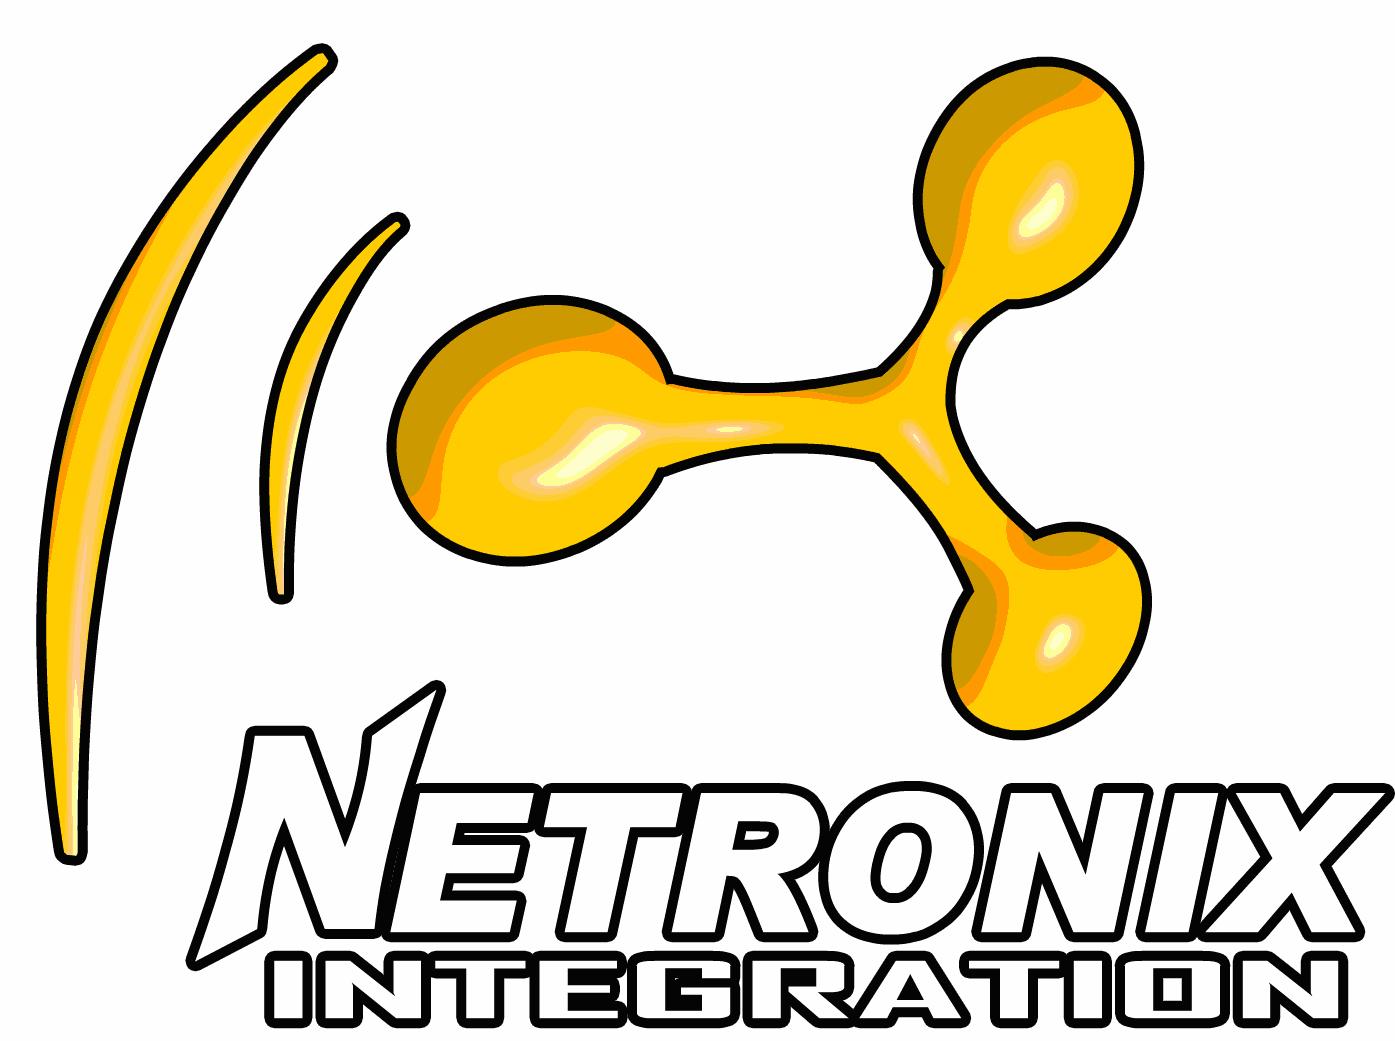 NETRONIX 3D LOGO[2]